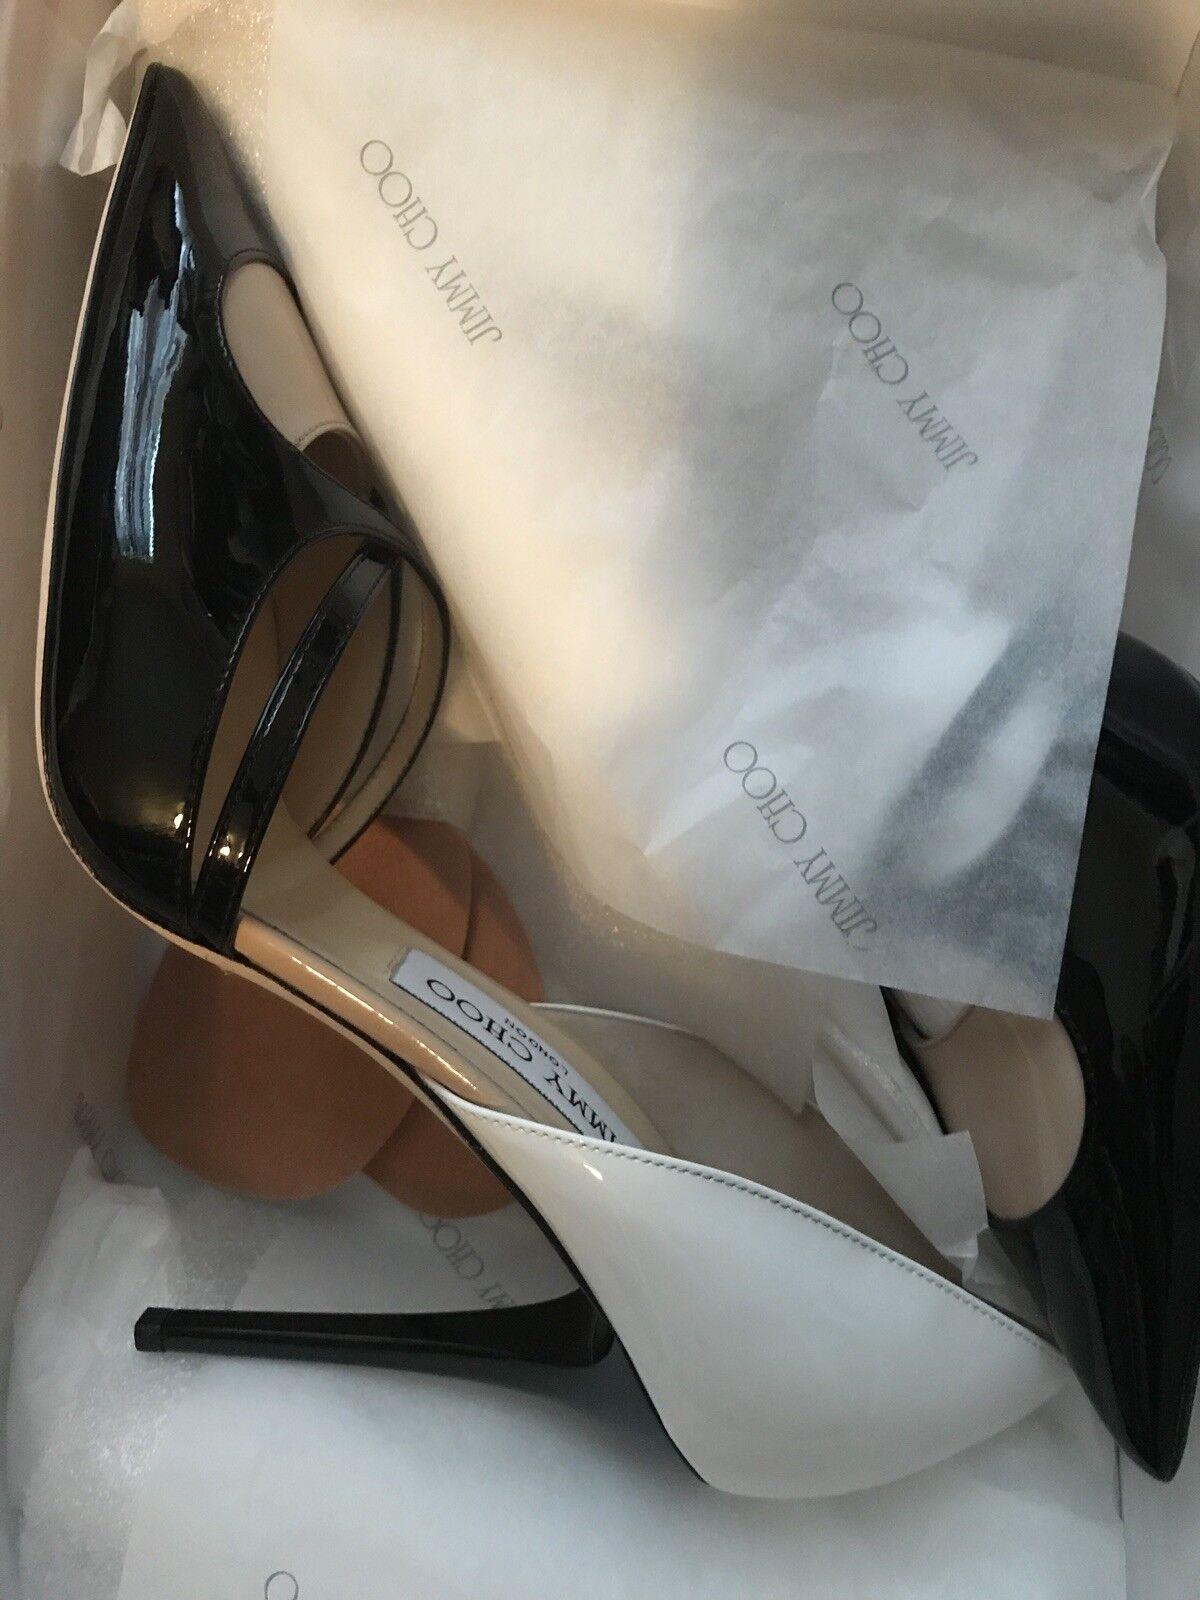 Jimmy Choo 133Amarita Patent size39 nude blk white